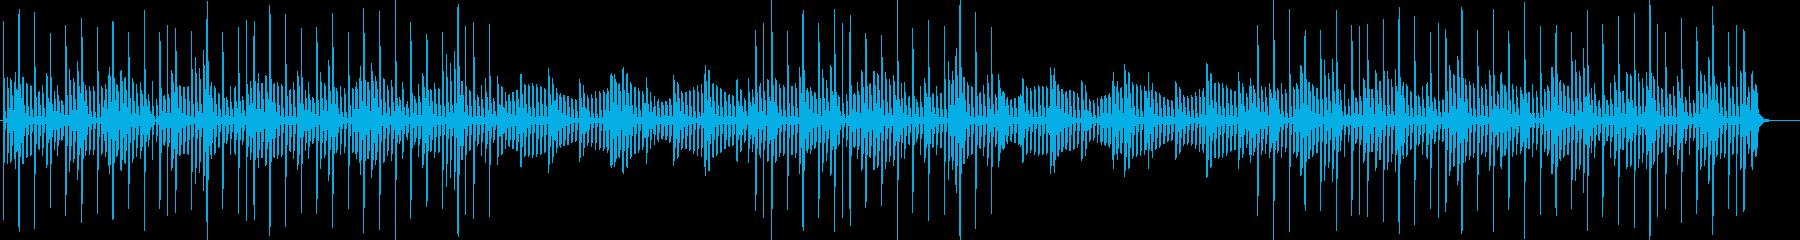 静かなヒーリングミュージック・BGMの再生済みの波形